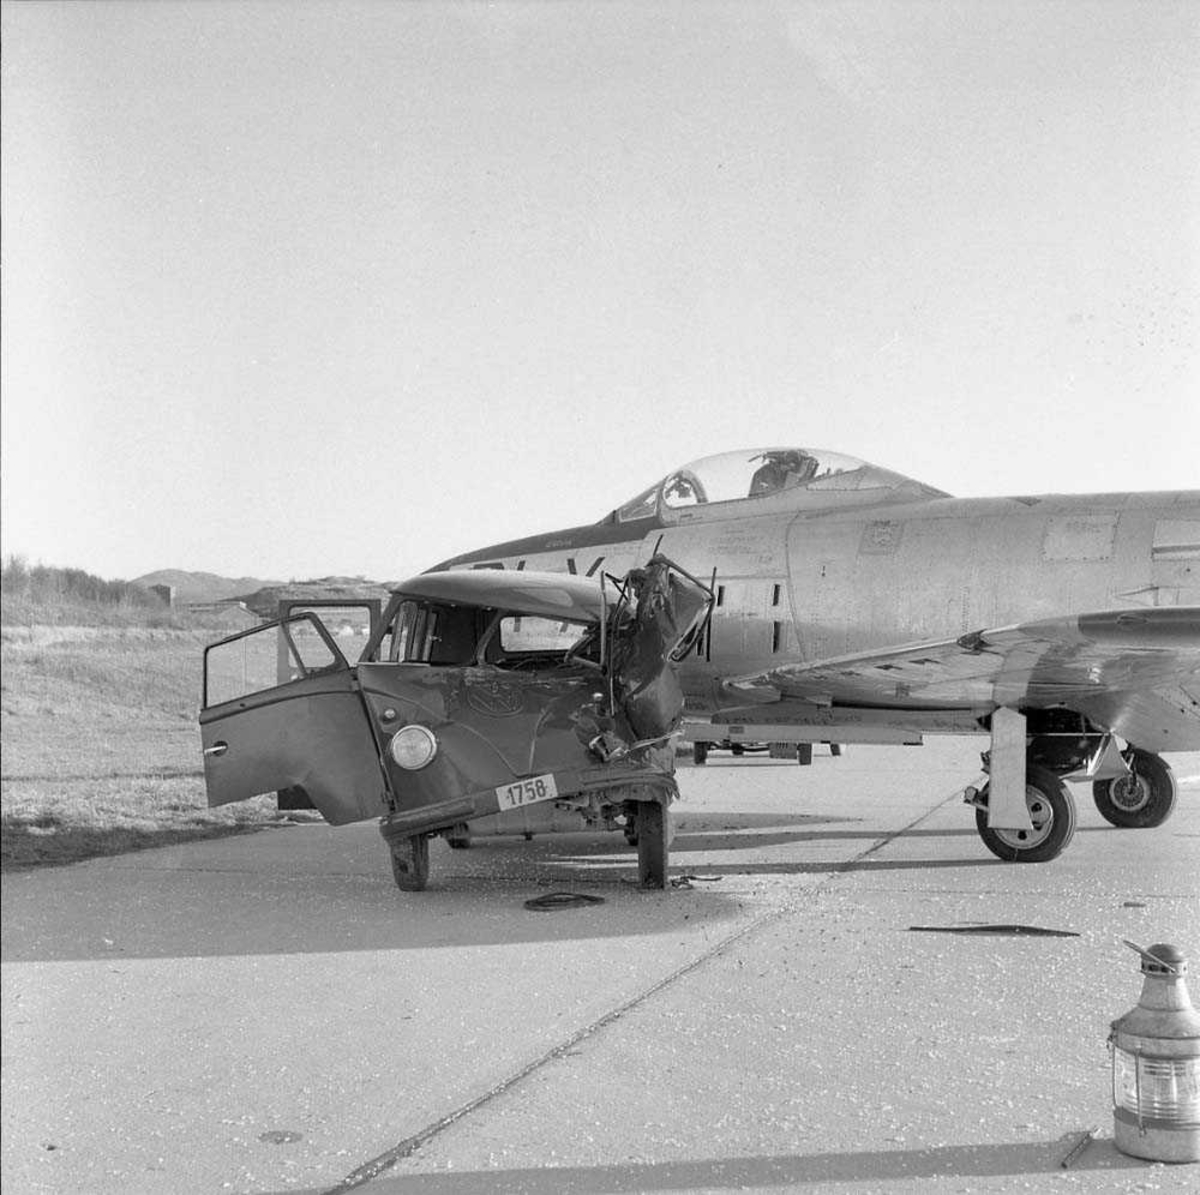 Rekonstruksjon av fly - bil uhell.